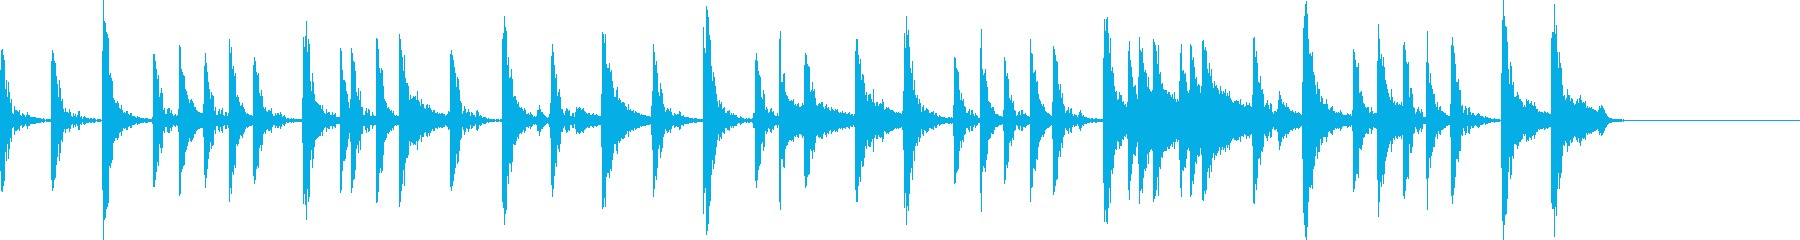 生ドラム_4小節リズムサンプリングの再生済みの波形